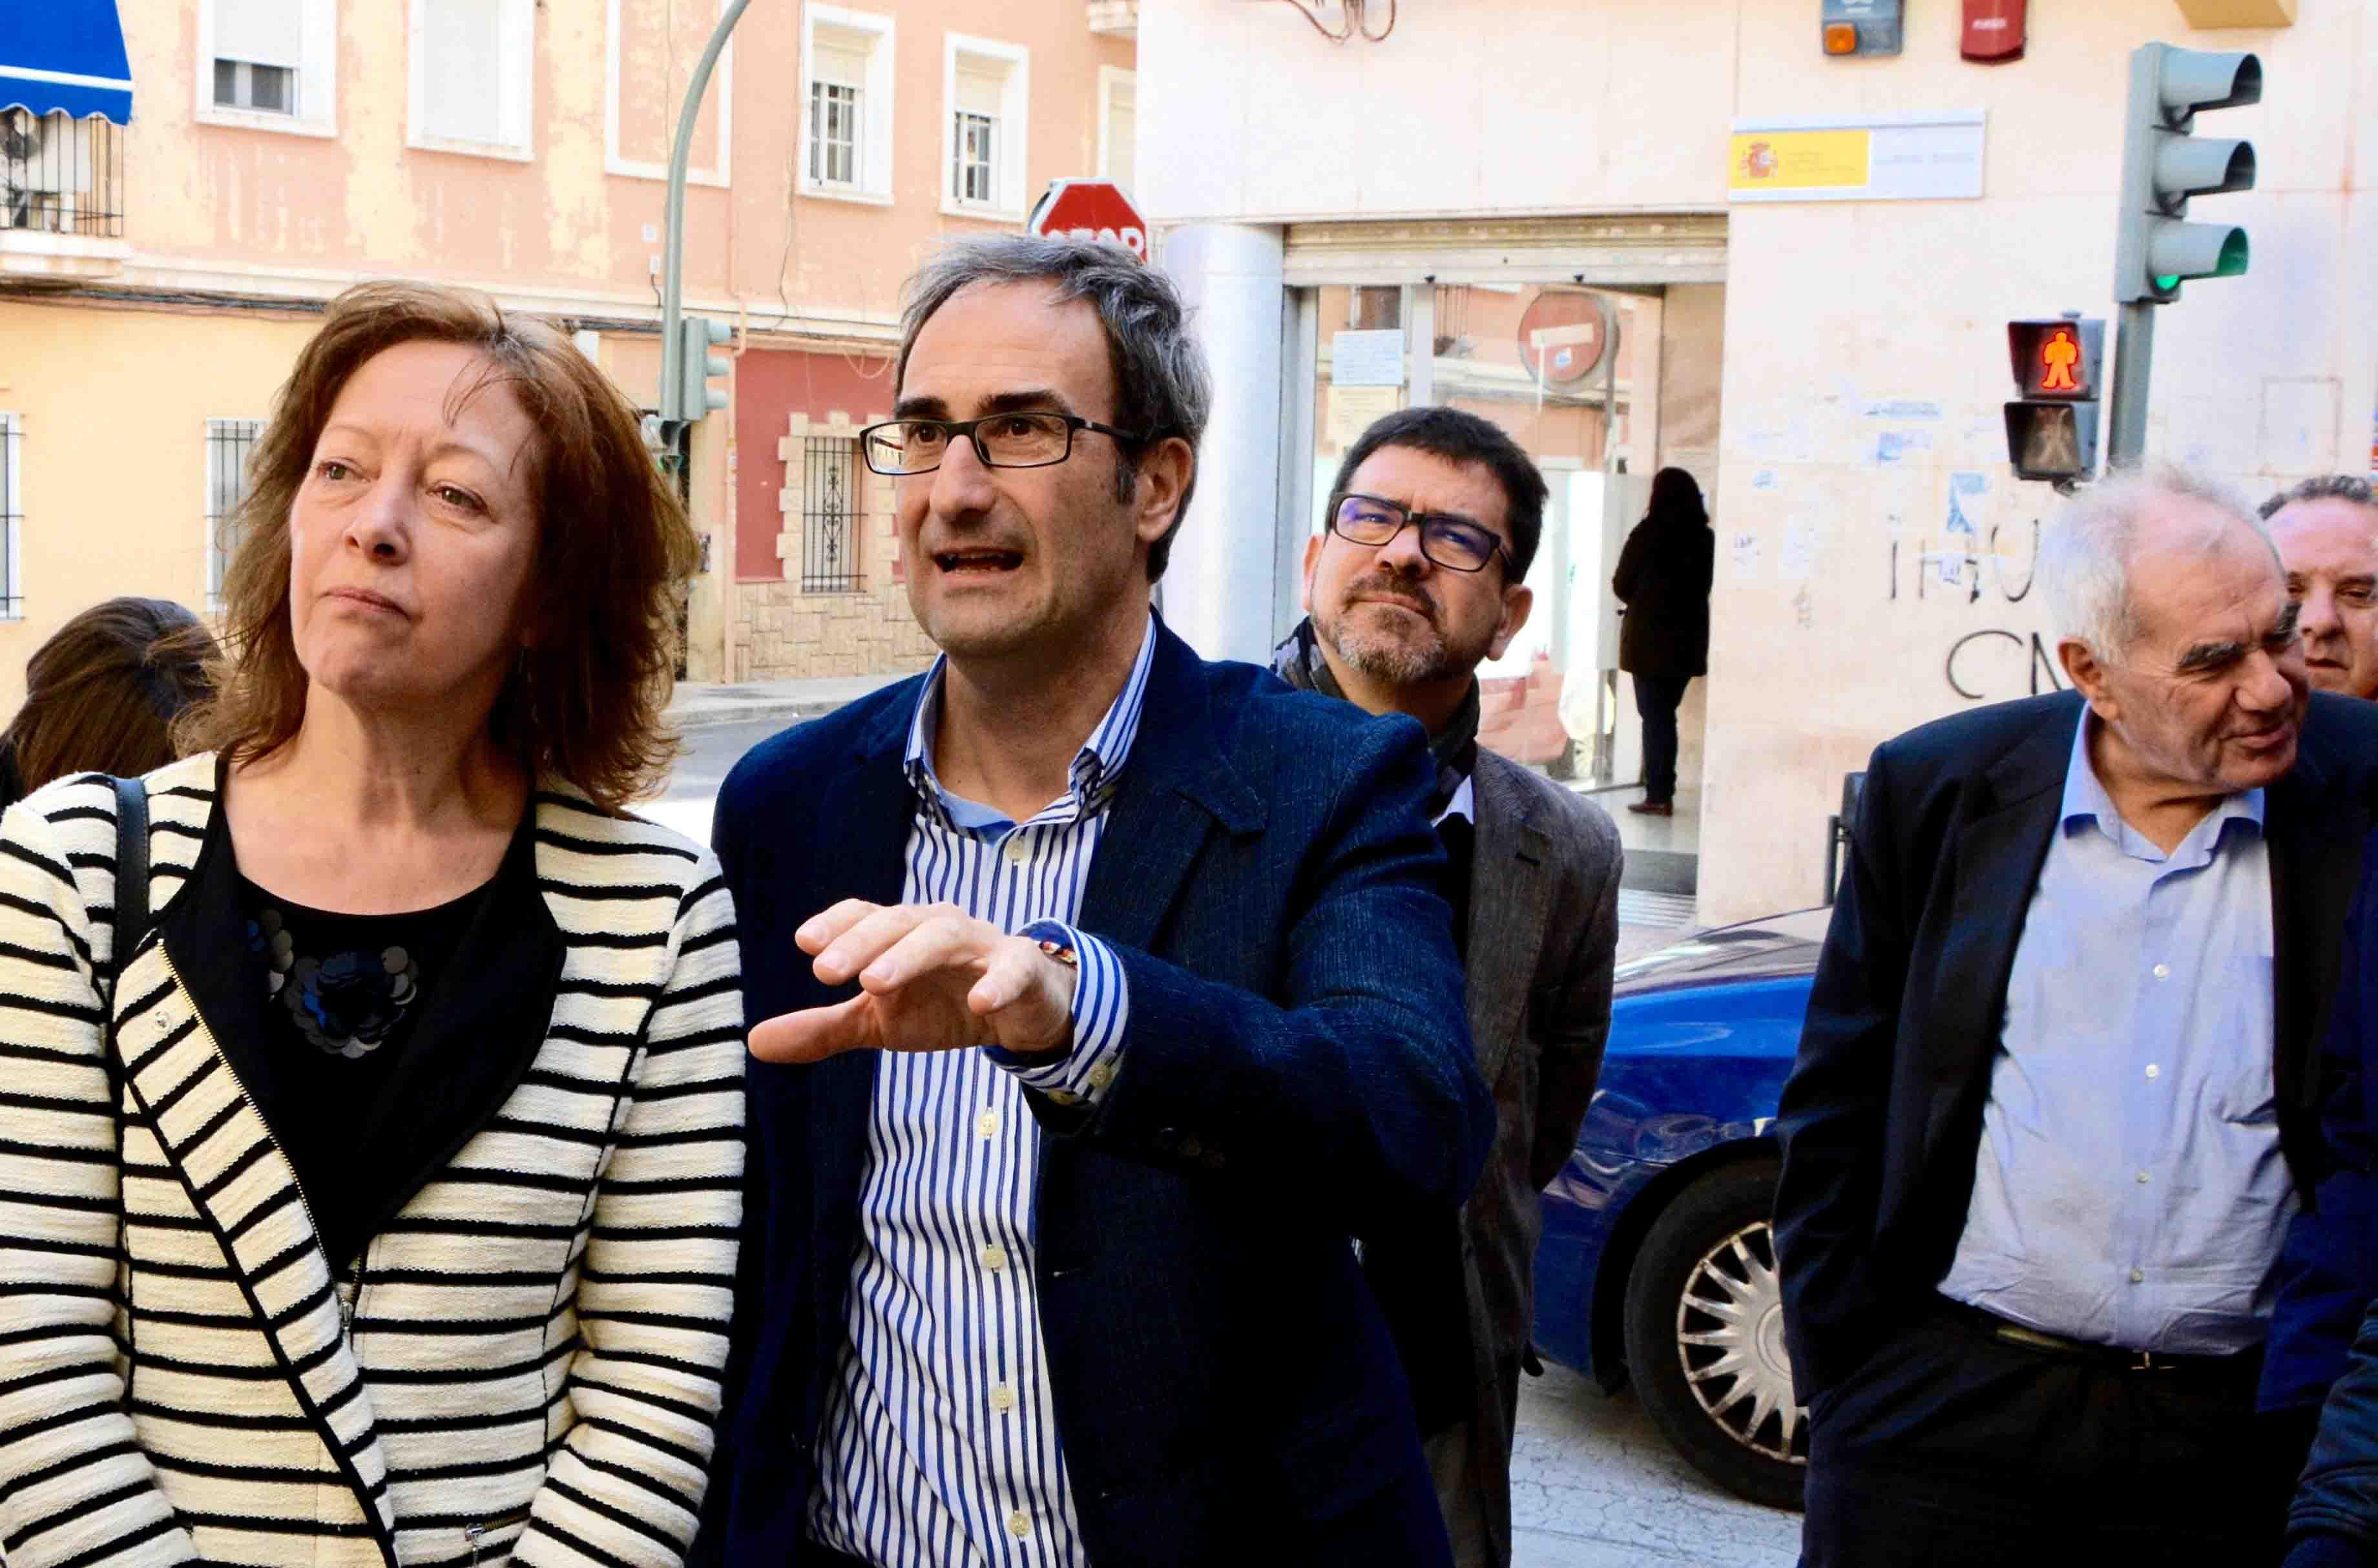 Eurodiputats visiten escoles públiques de Burjassot, Alaquàs i Valencia